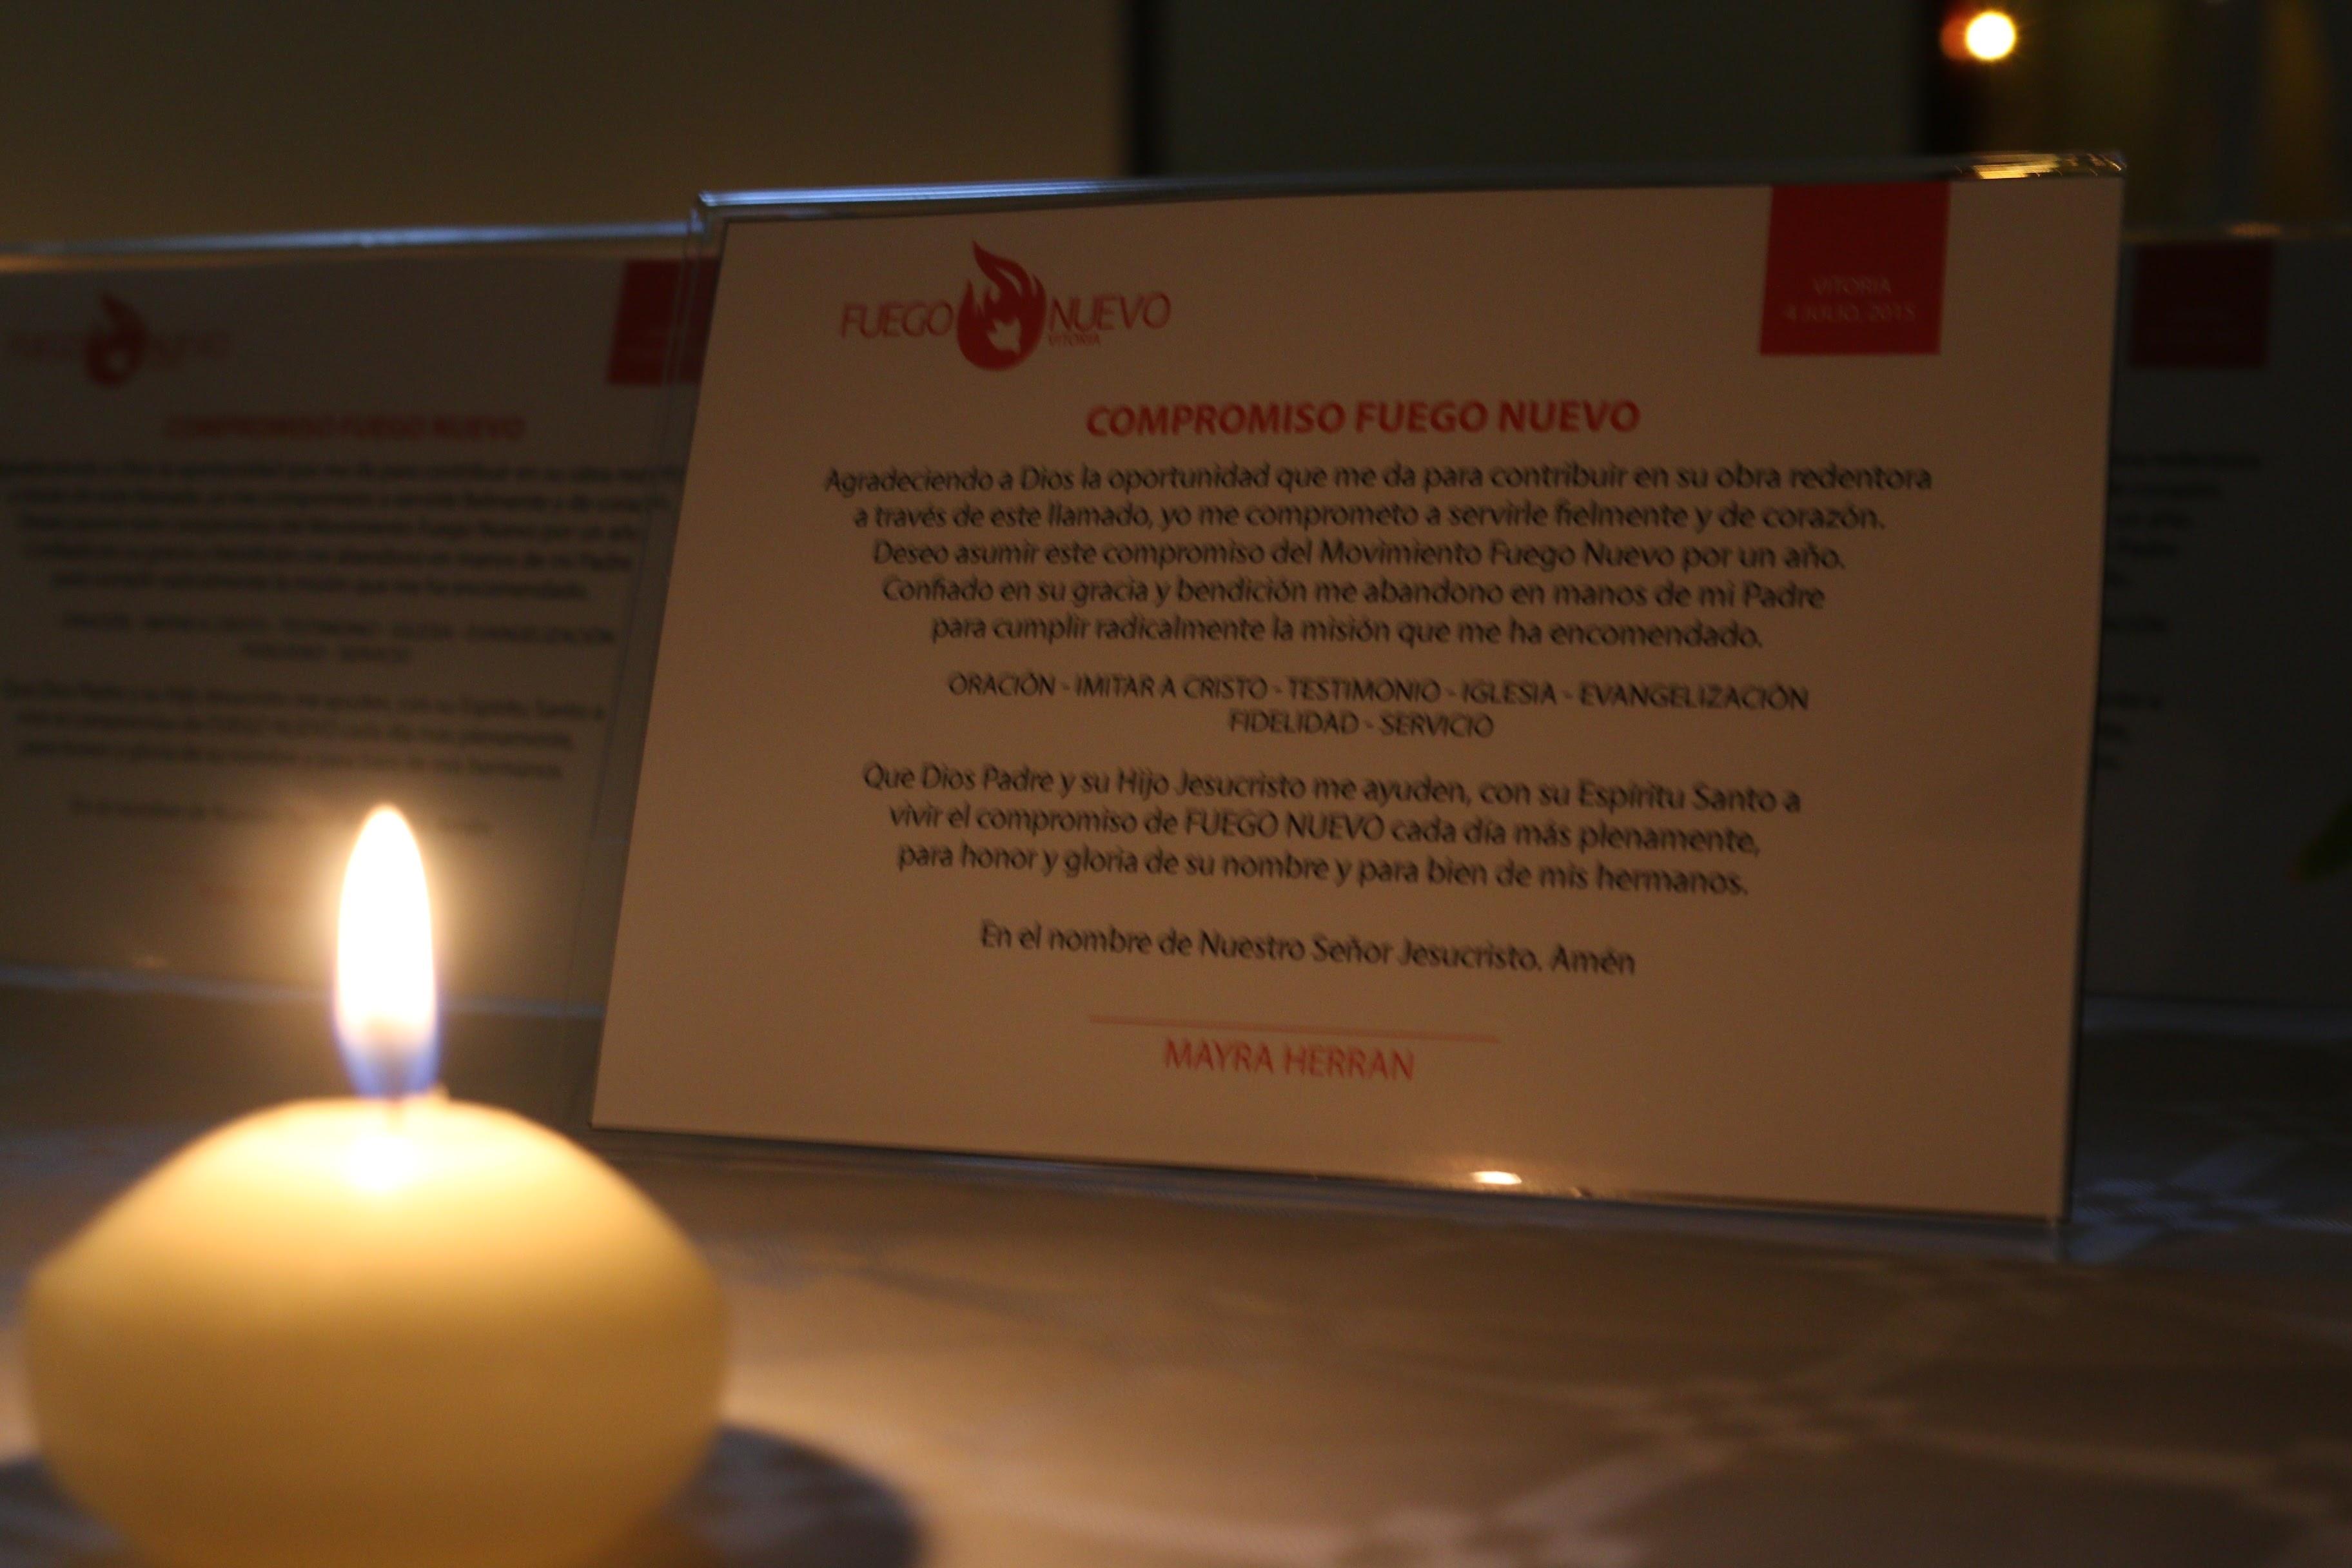 Picasa - Celebración Compromisos Fuego Nuevo 04.07.15(8).jpg